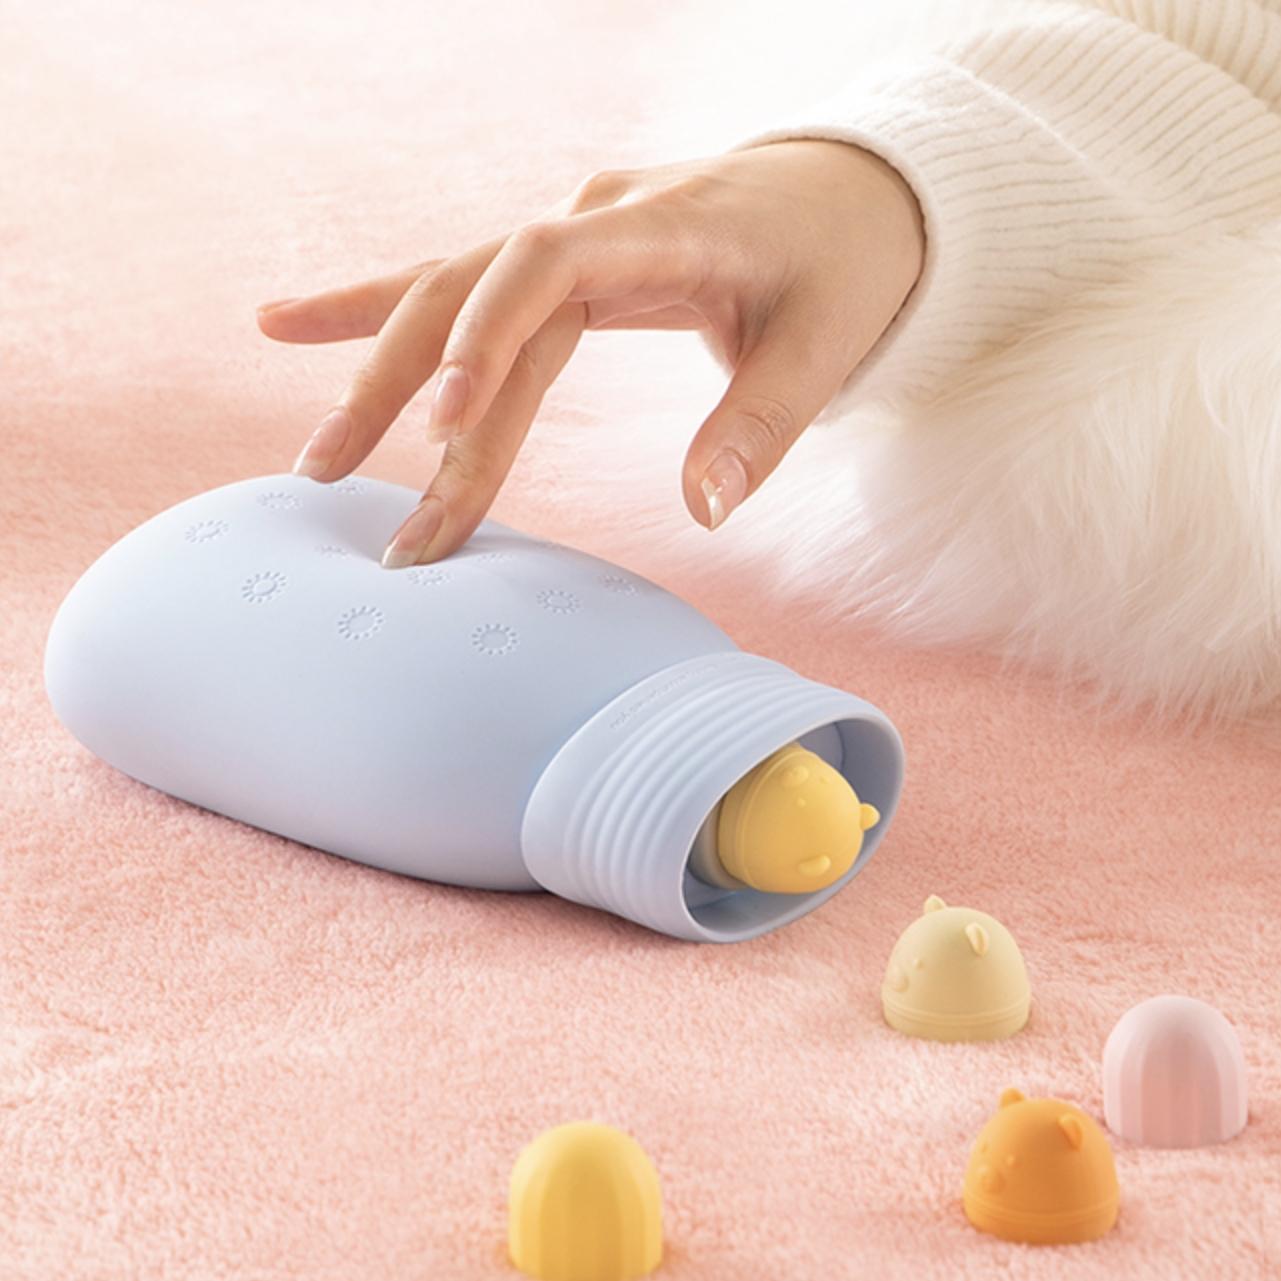 SMARTDEVIL 闪魔 SmartDevil 闪魔 硅胶热水袋 350ml